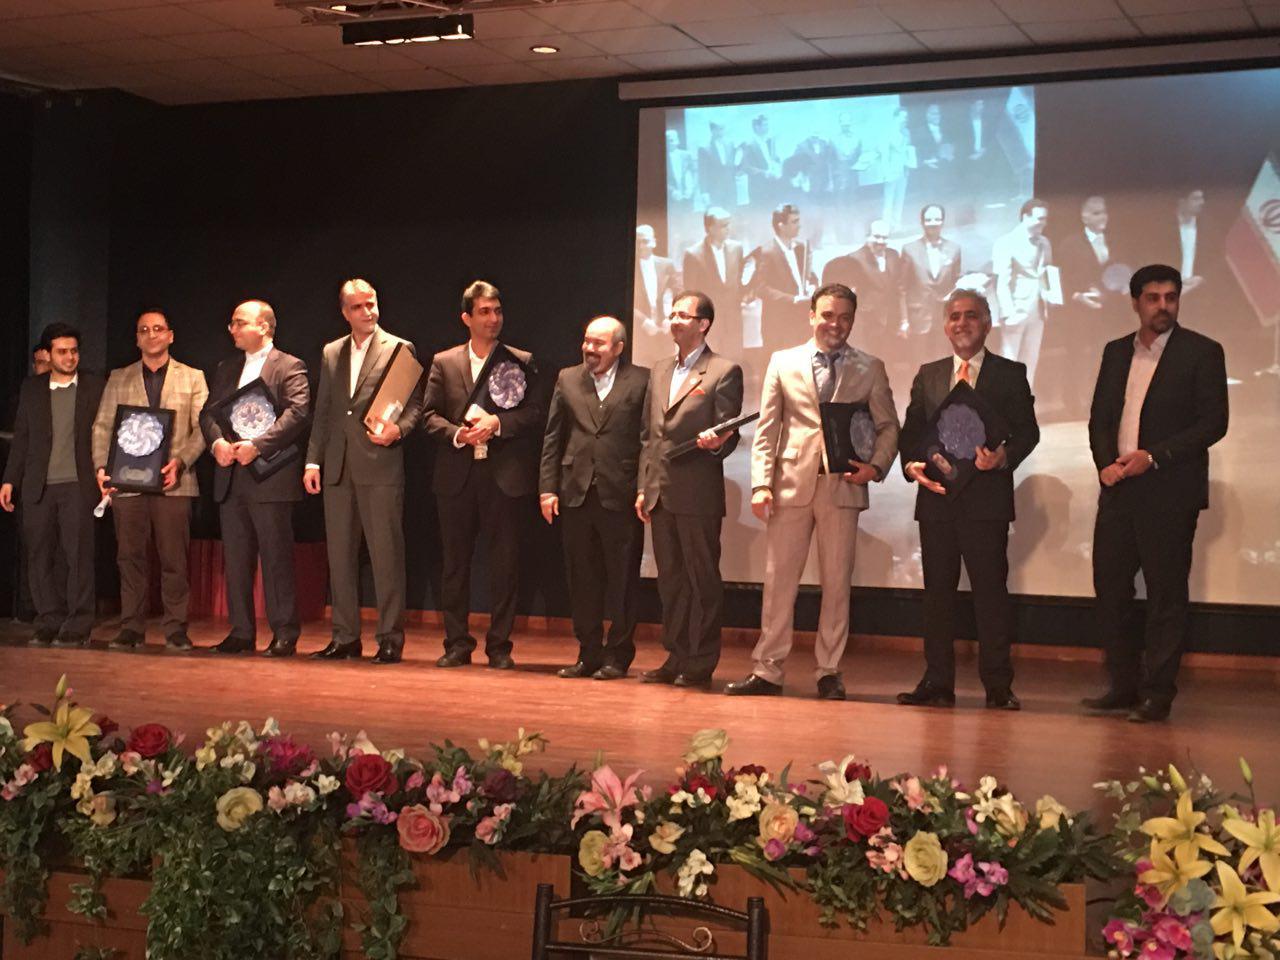 اولین همایش مدیریت عالی تجارت و کسب وکار